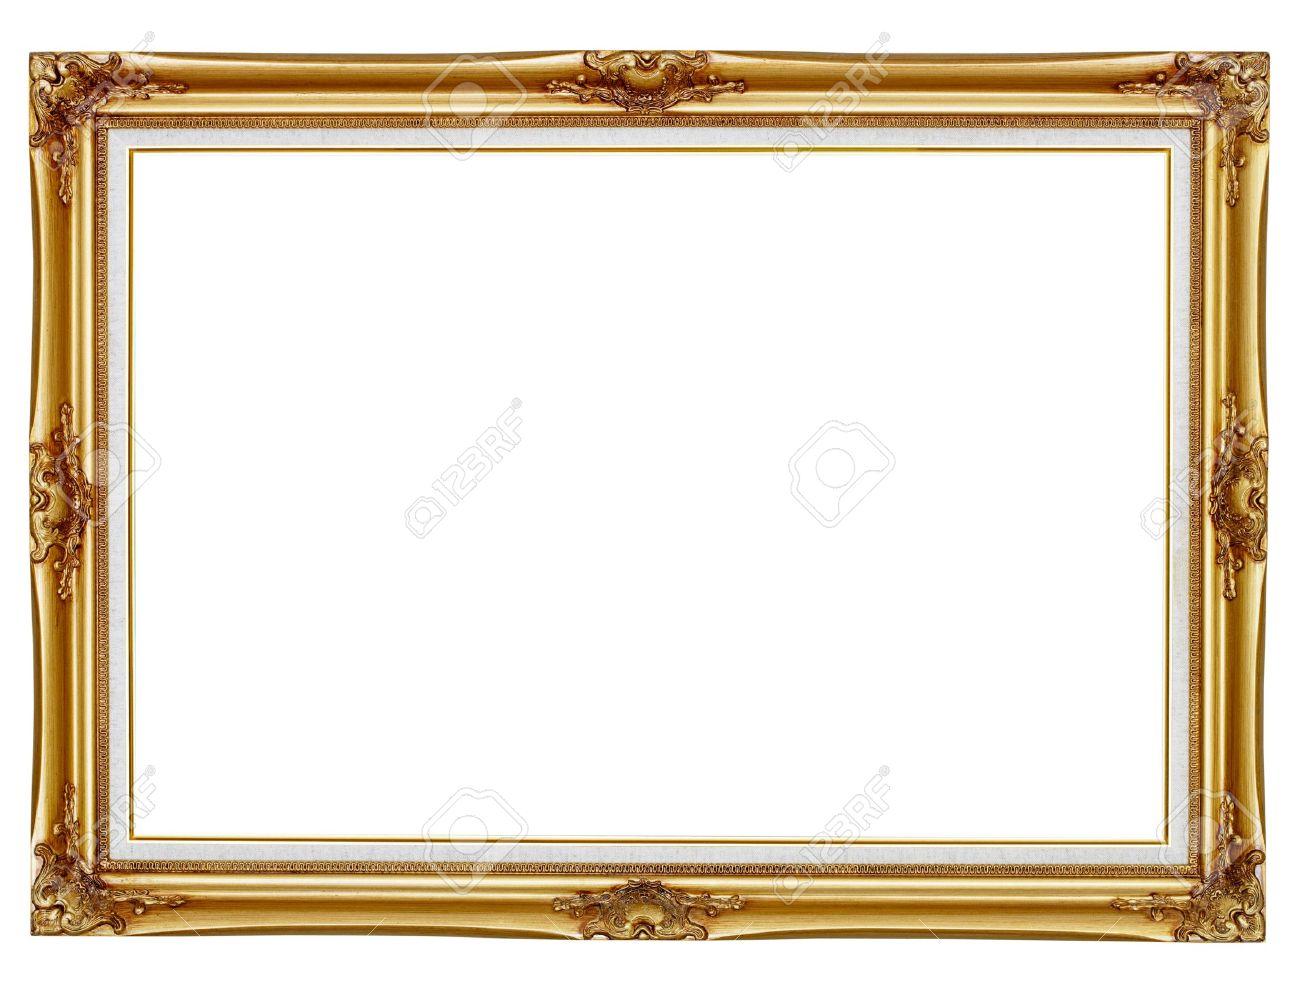 Alt Vergoldeten Rahmen Für Die Malerei Auf Weißem Hintergrund ...